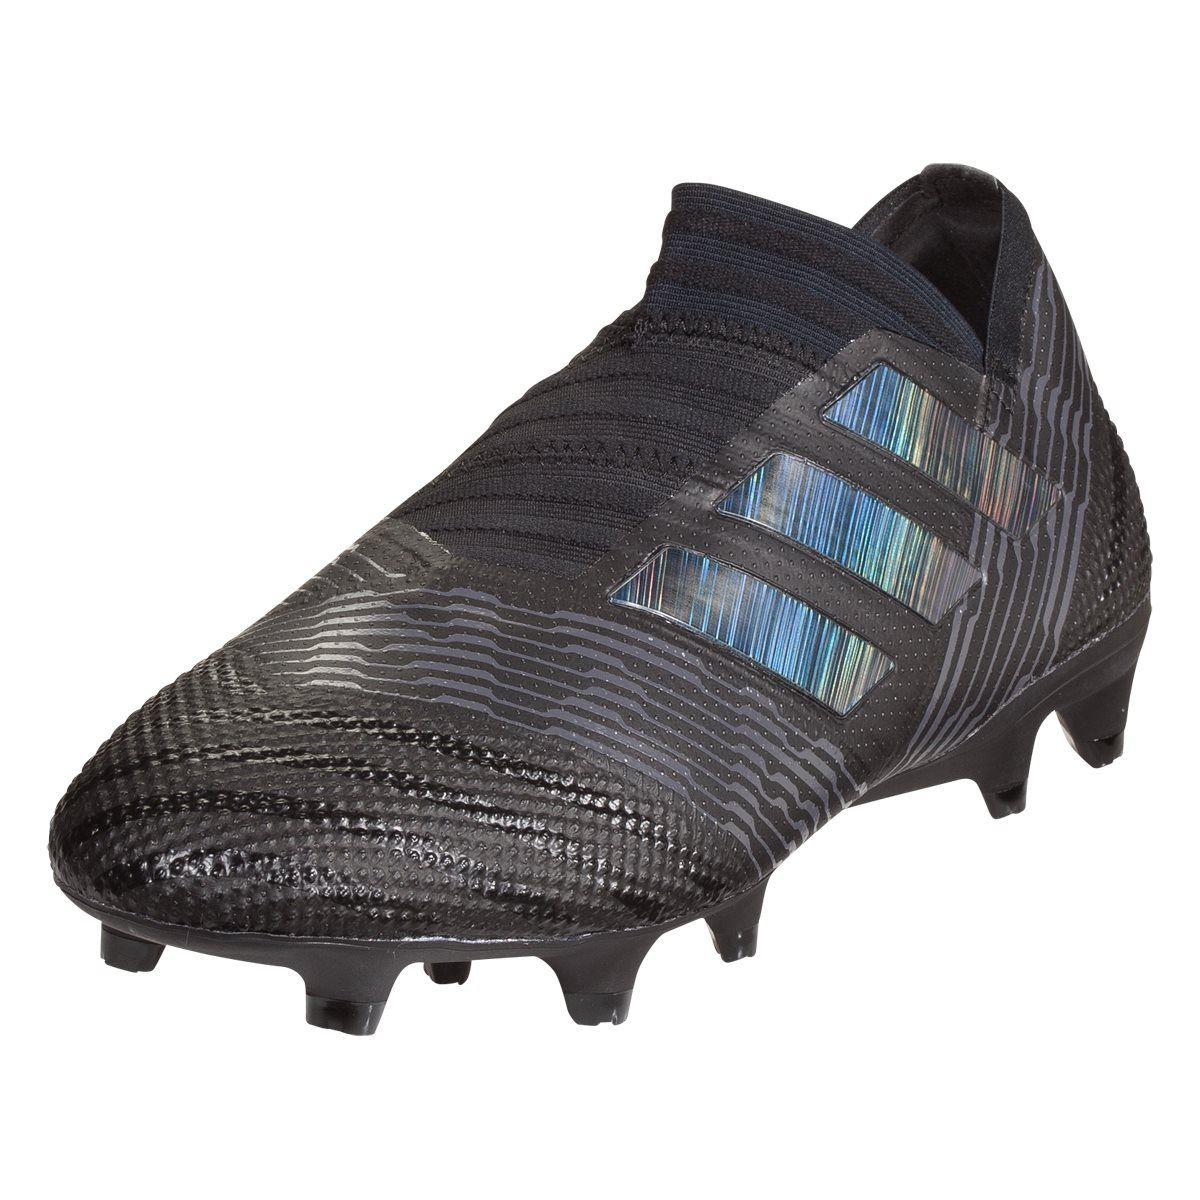 a59b8701c adidas Nemeziz 17+ 360Agility FG Soccer Cleats | soccer | Soccer ...